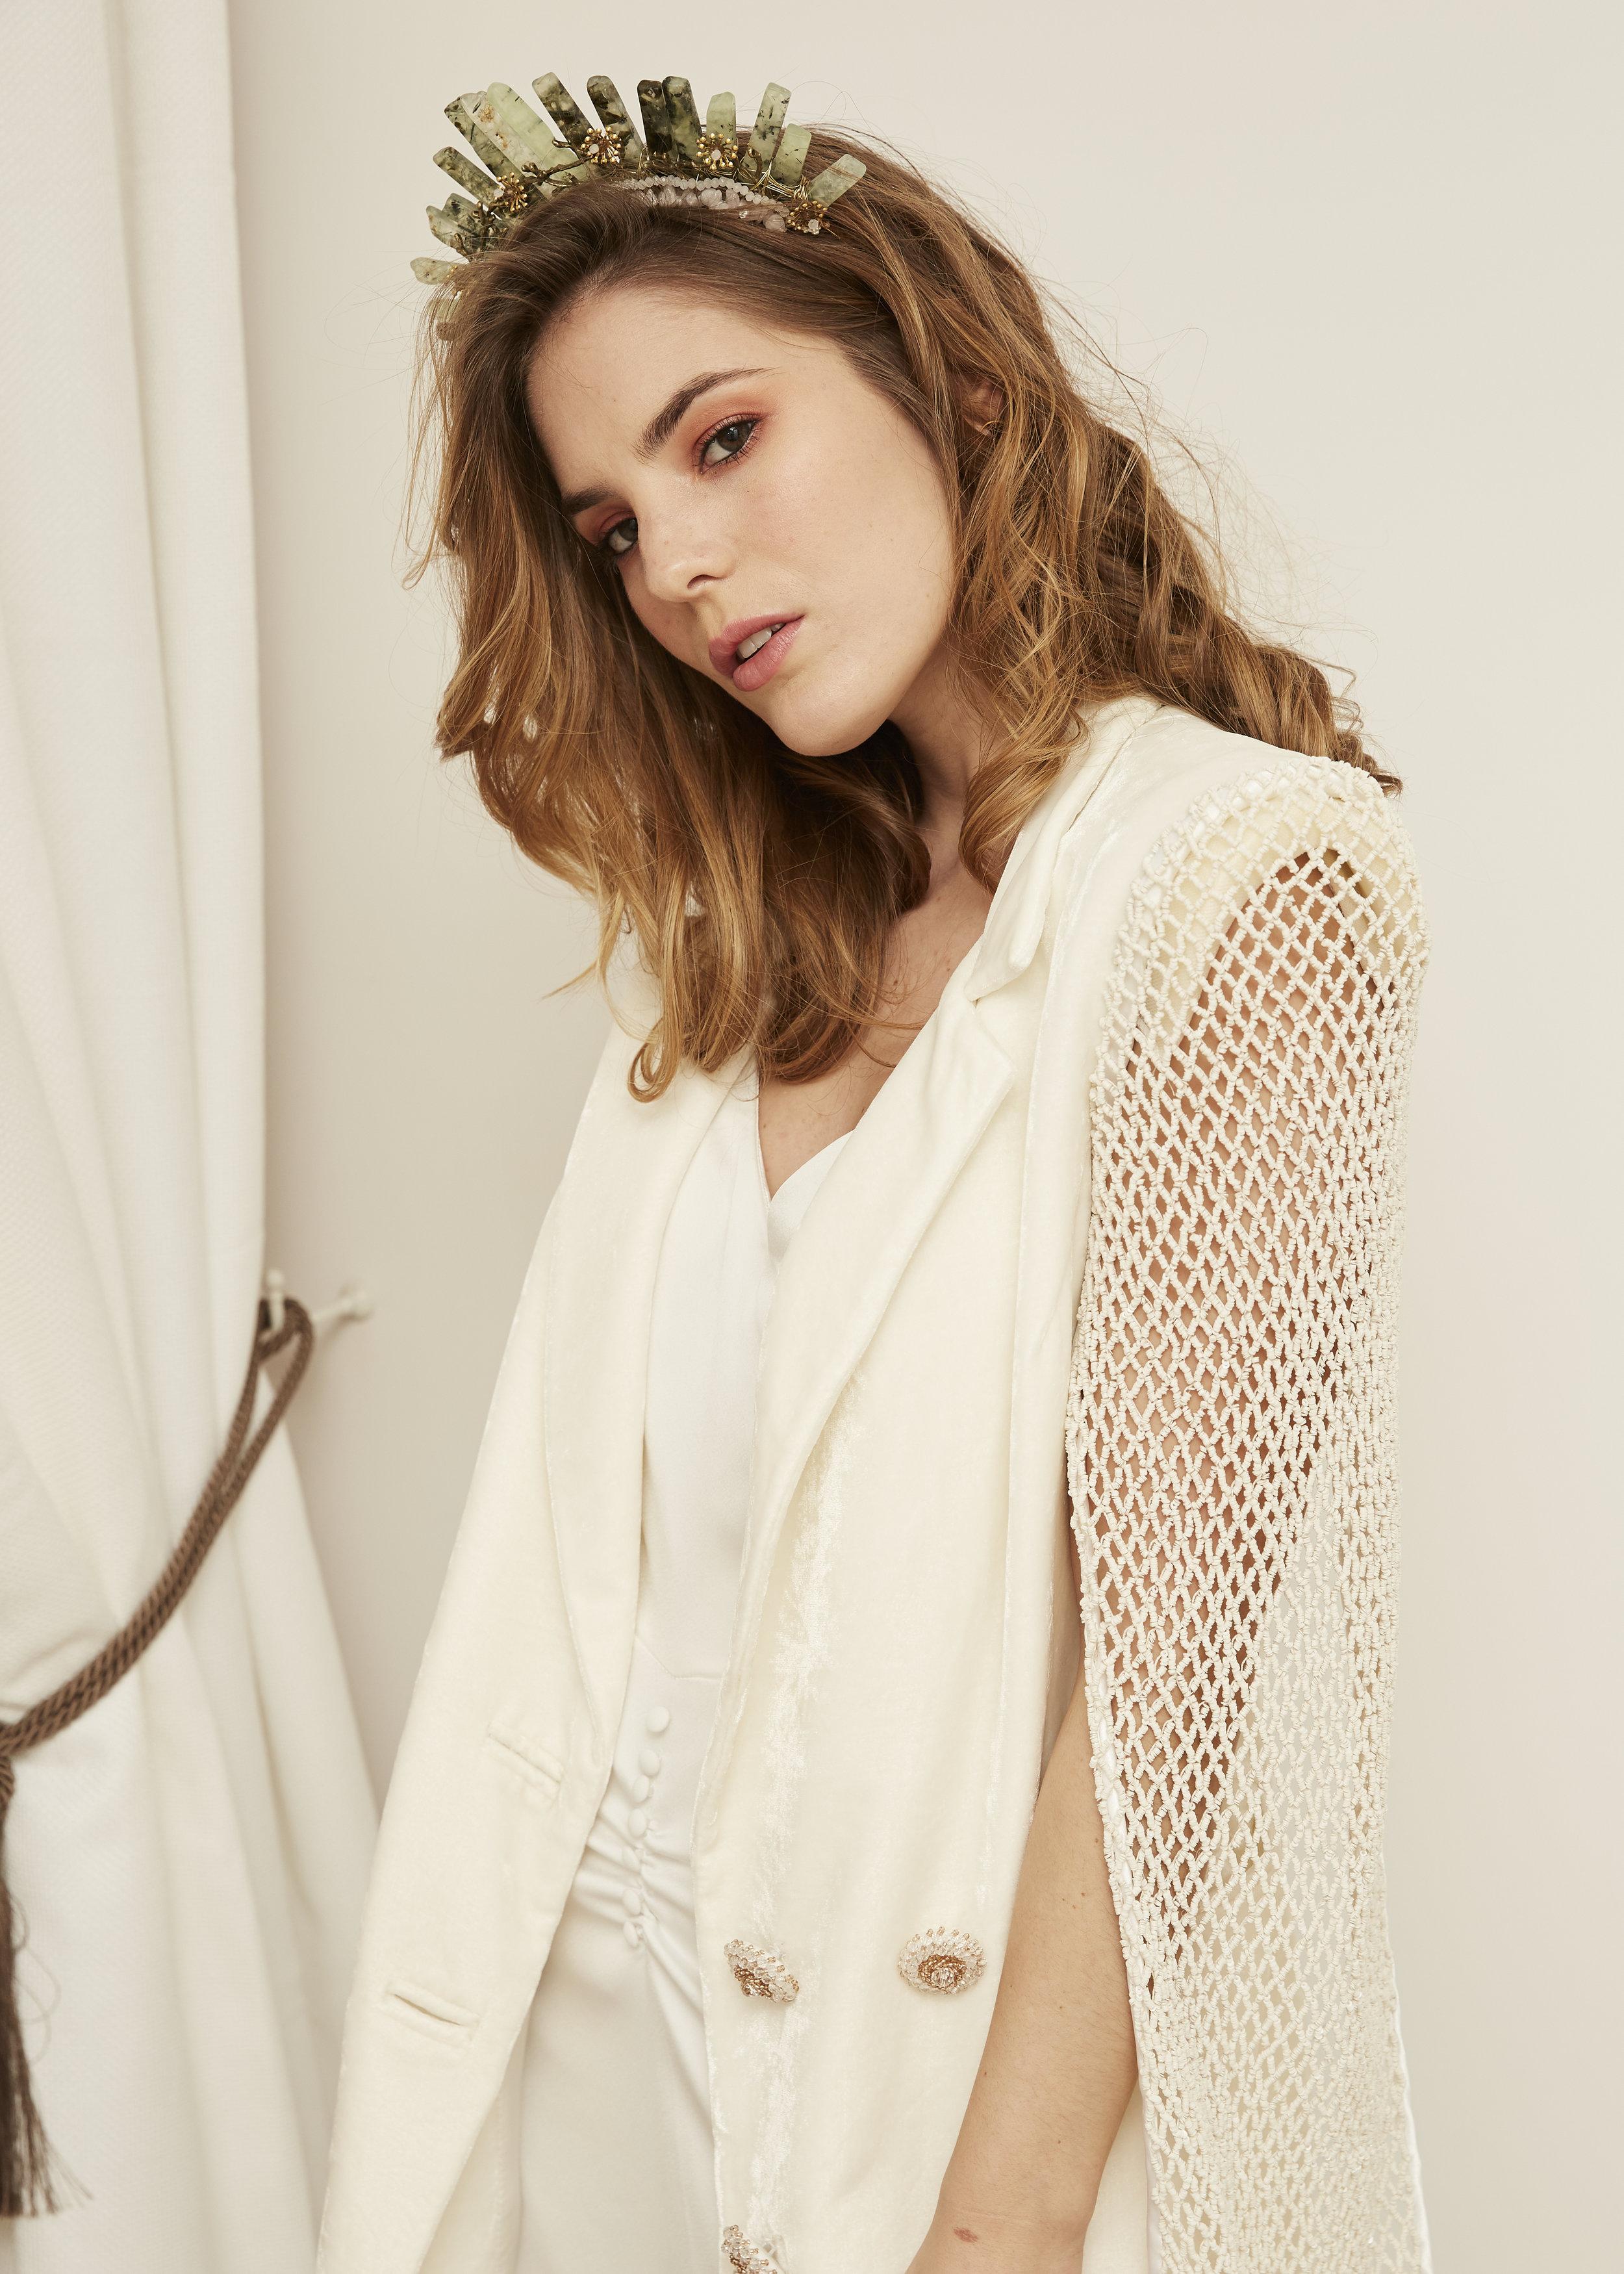 Michelle  con chaqueta en terciopelo y pedrería · Y e i ·  @lauralomasdesign   Peineta:  @cocoluco  modelo: Rocío.  Pendientes: @acus_complementos  modelo: ✨AROS EIGHT✨  ♥️  Foto: @maritutunni  Maquillaje: @tespin.makeup